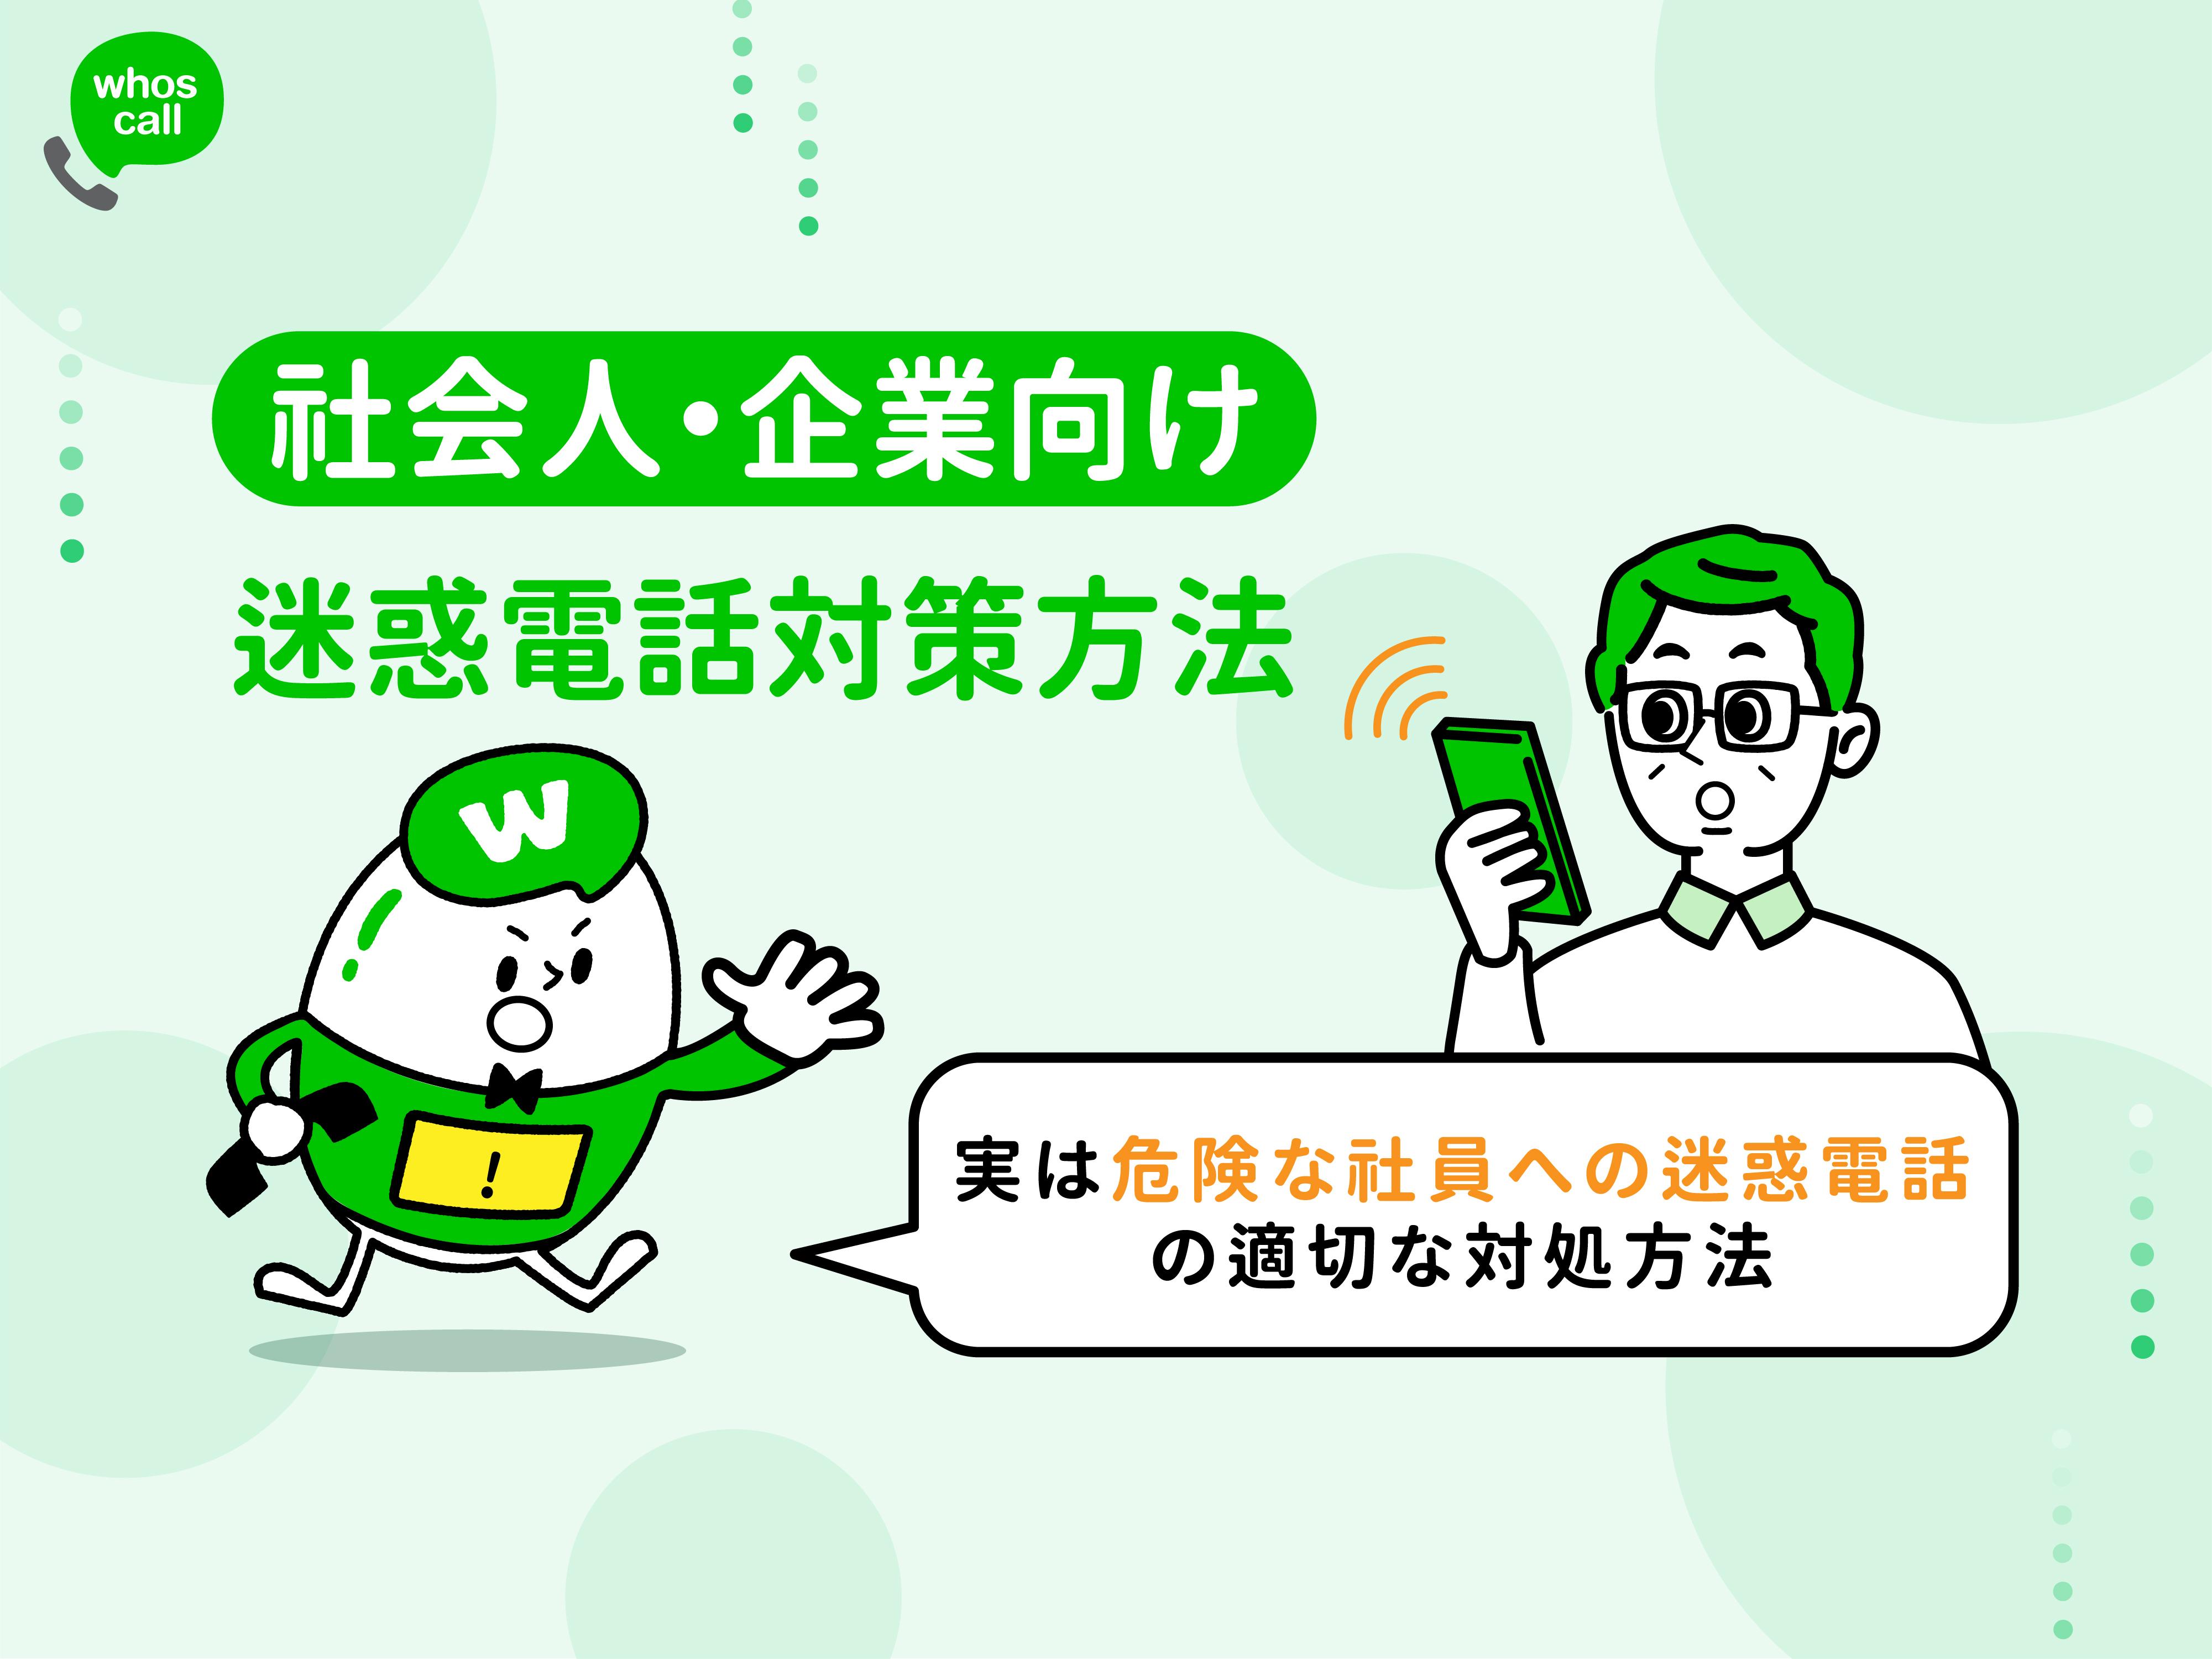 迷惑電話で困っている企業担当者・社会人必見!!|効果的な迷惑電話撃退方法をご紹介